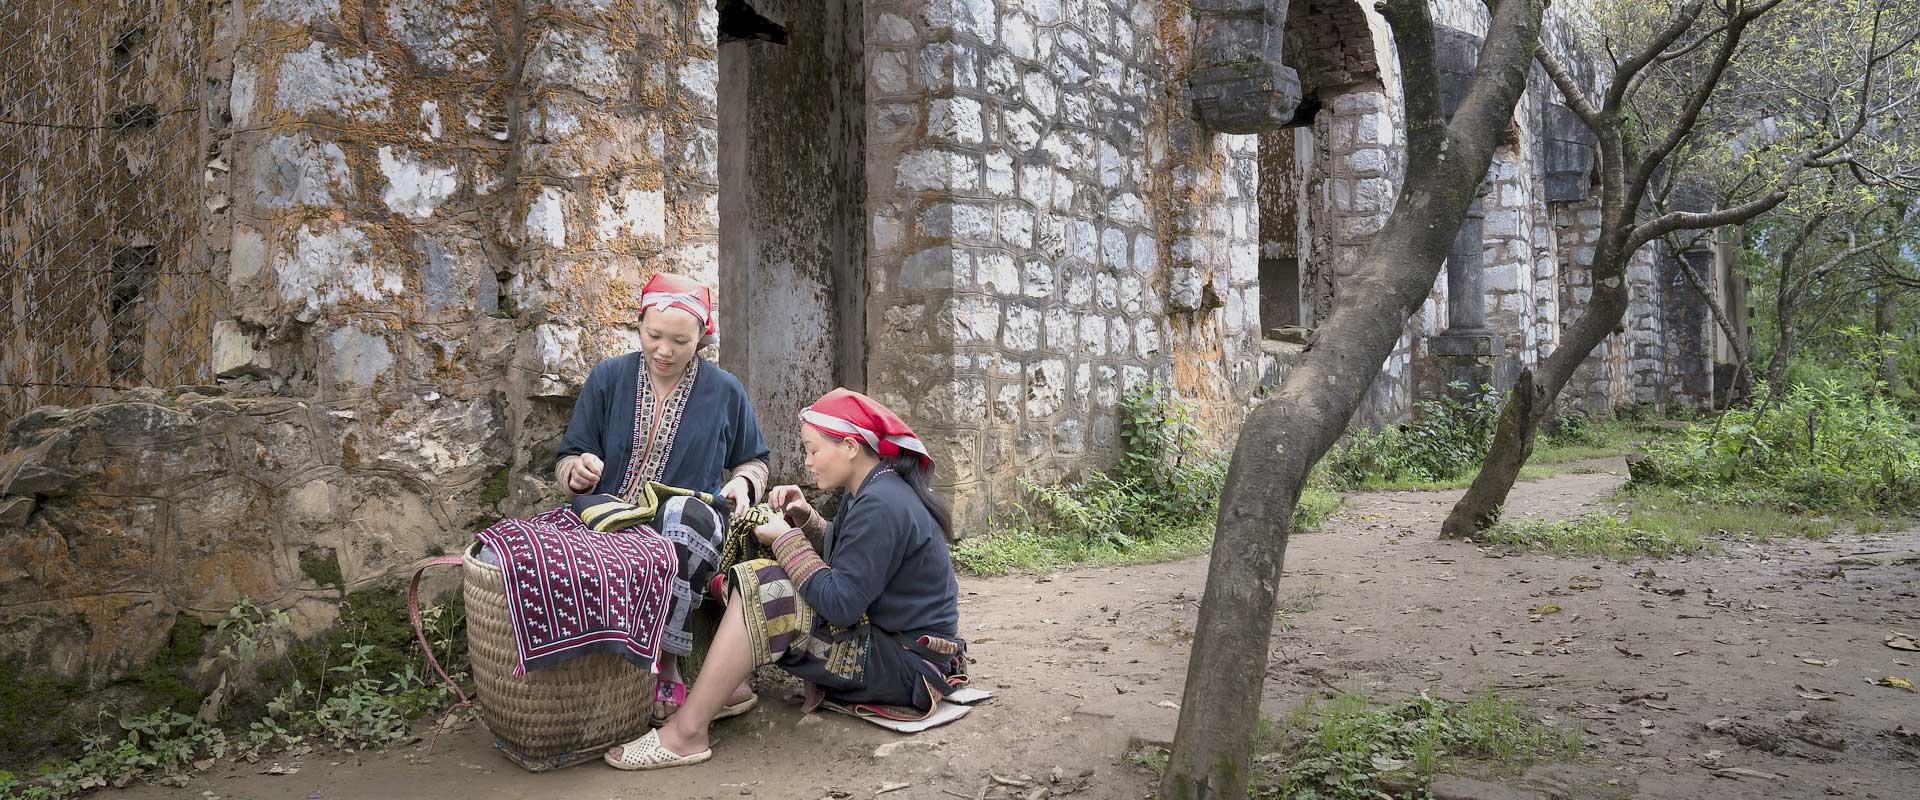 sapa Vietnam village avec femme travaillant